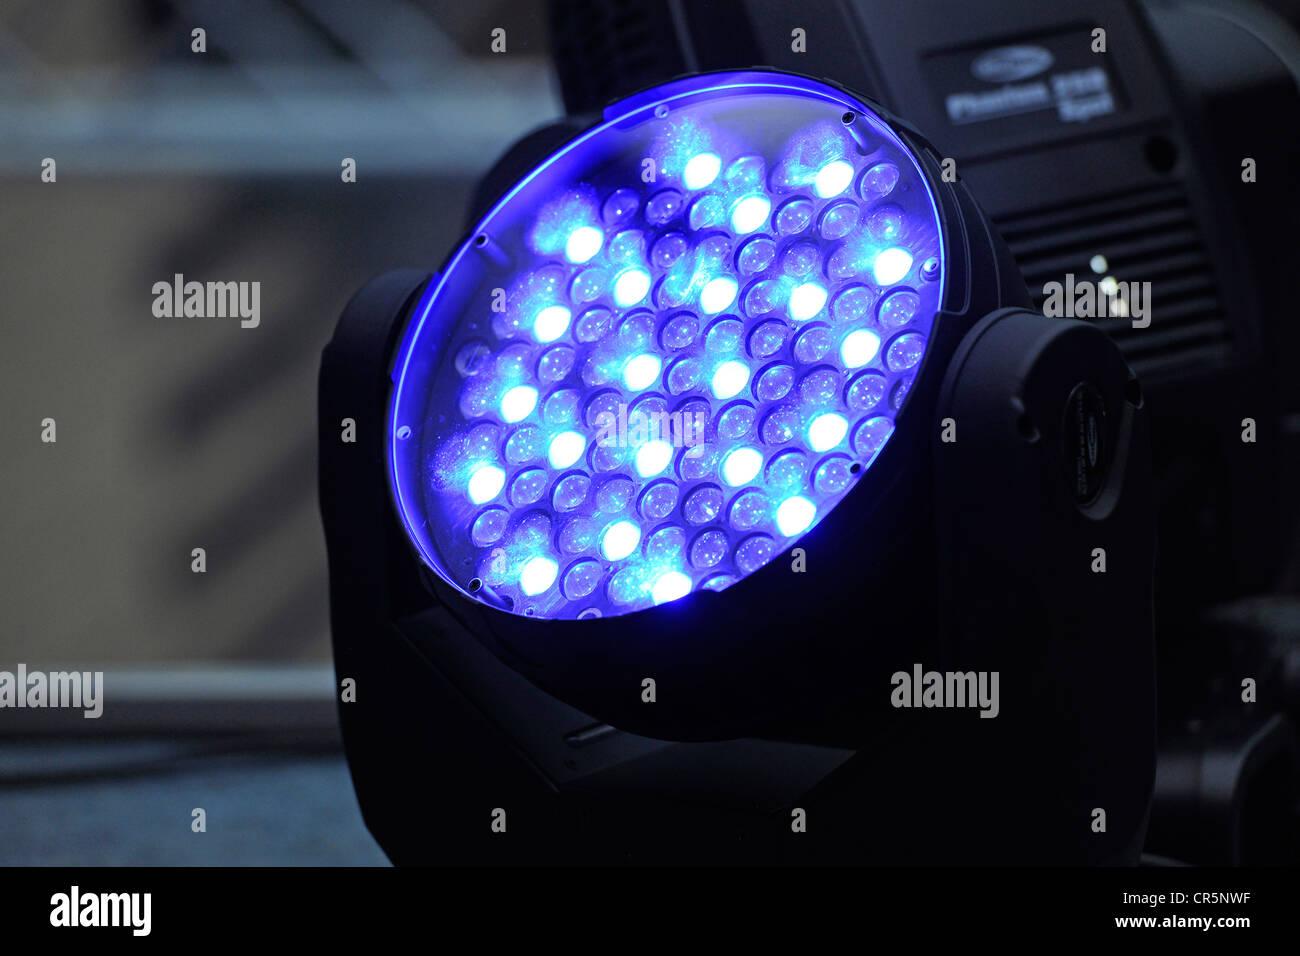 L'éclairage de l'événement, la lumière laser, feux bleus Photo Stock